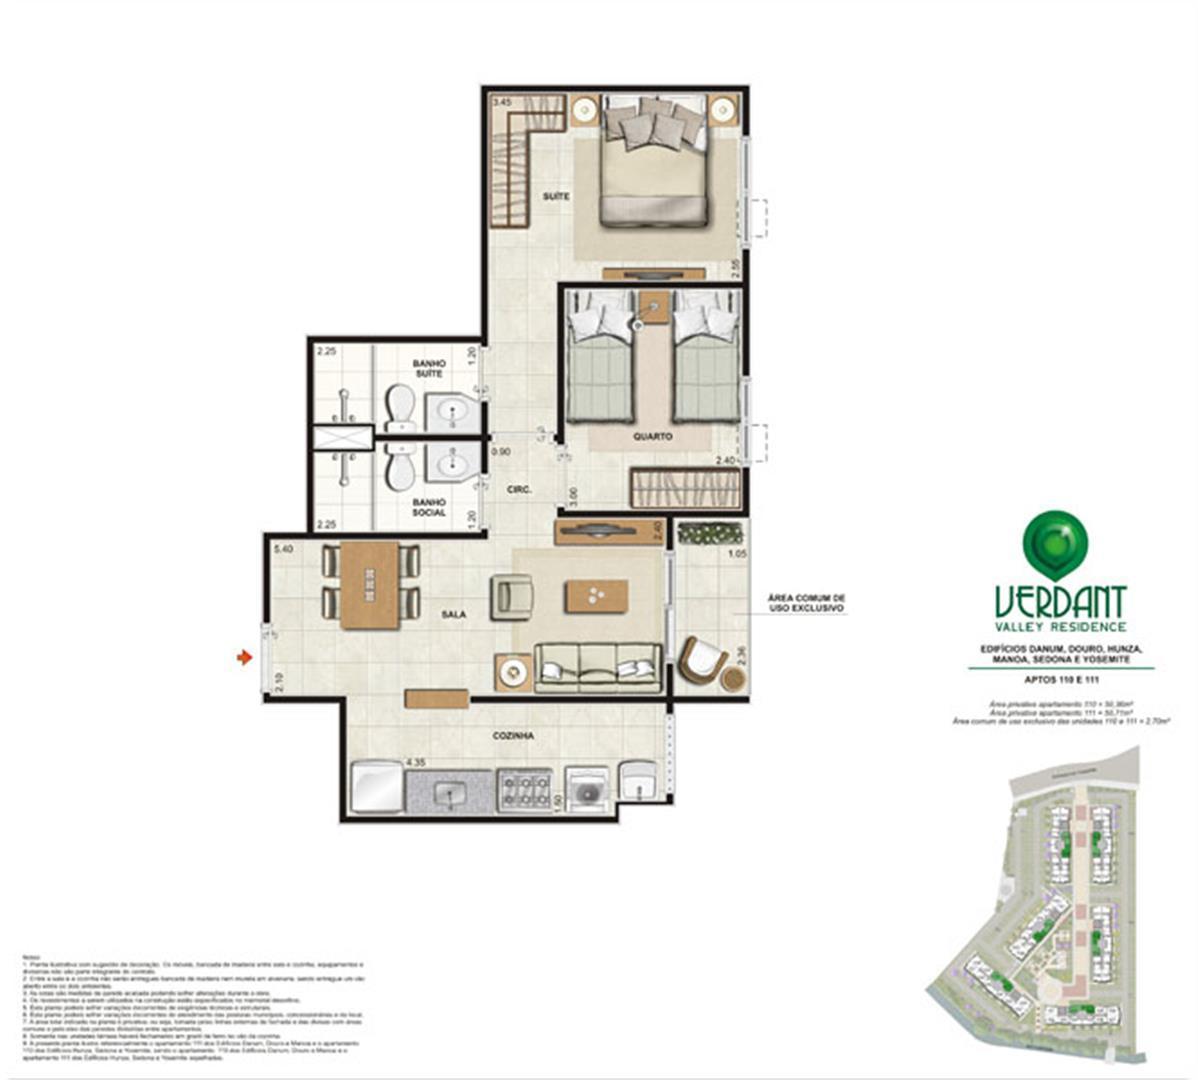 2 Quartos com suíte - 53,06m² e 53,41m² - Aptos 110 e 111 - Edifícios Danum, Douro, Hunza, Manoa, Sedona e Yosemite